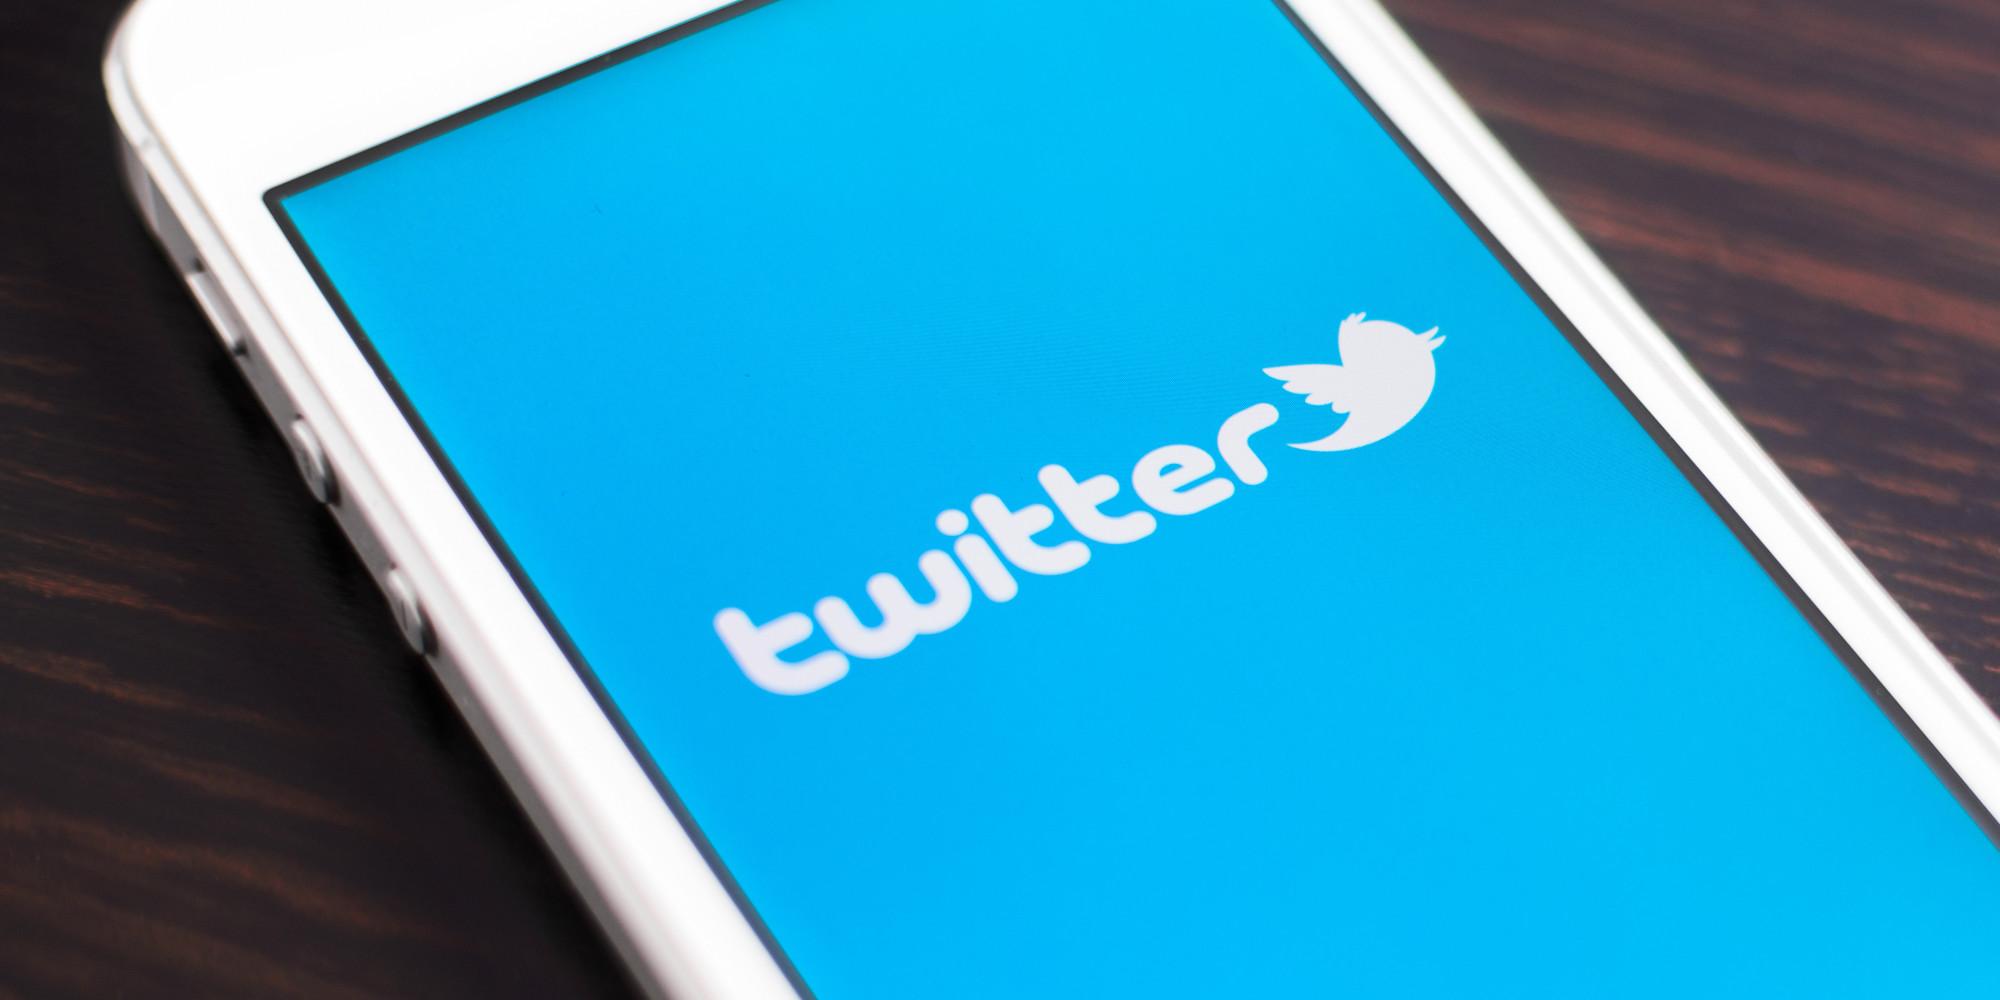 Twitter, falla nella sicurezza sull'app Android